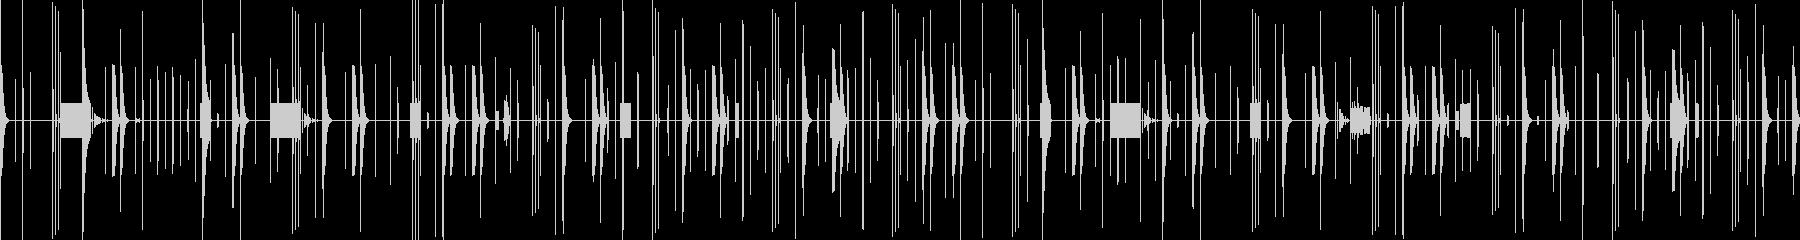 クリックビープ音を多用したビートミックスの未再生の波形